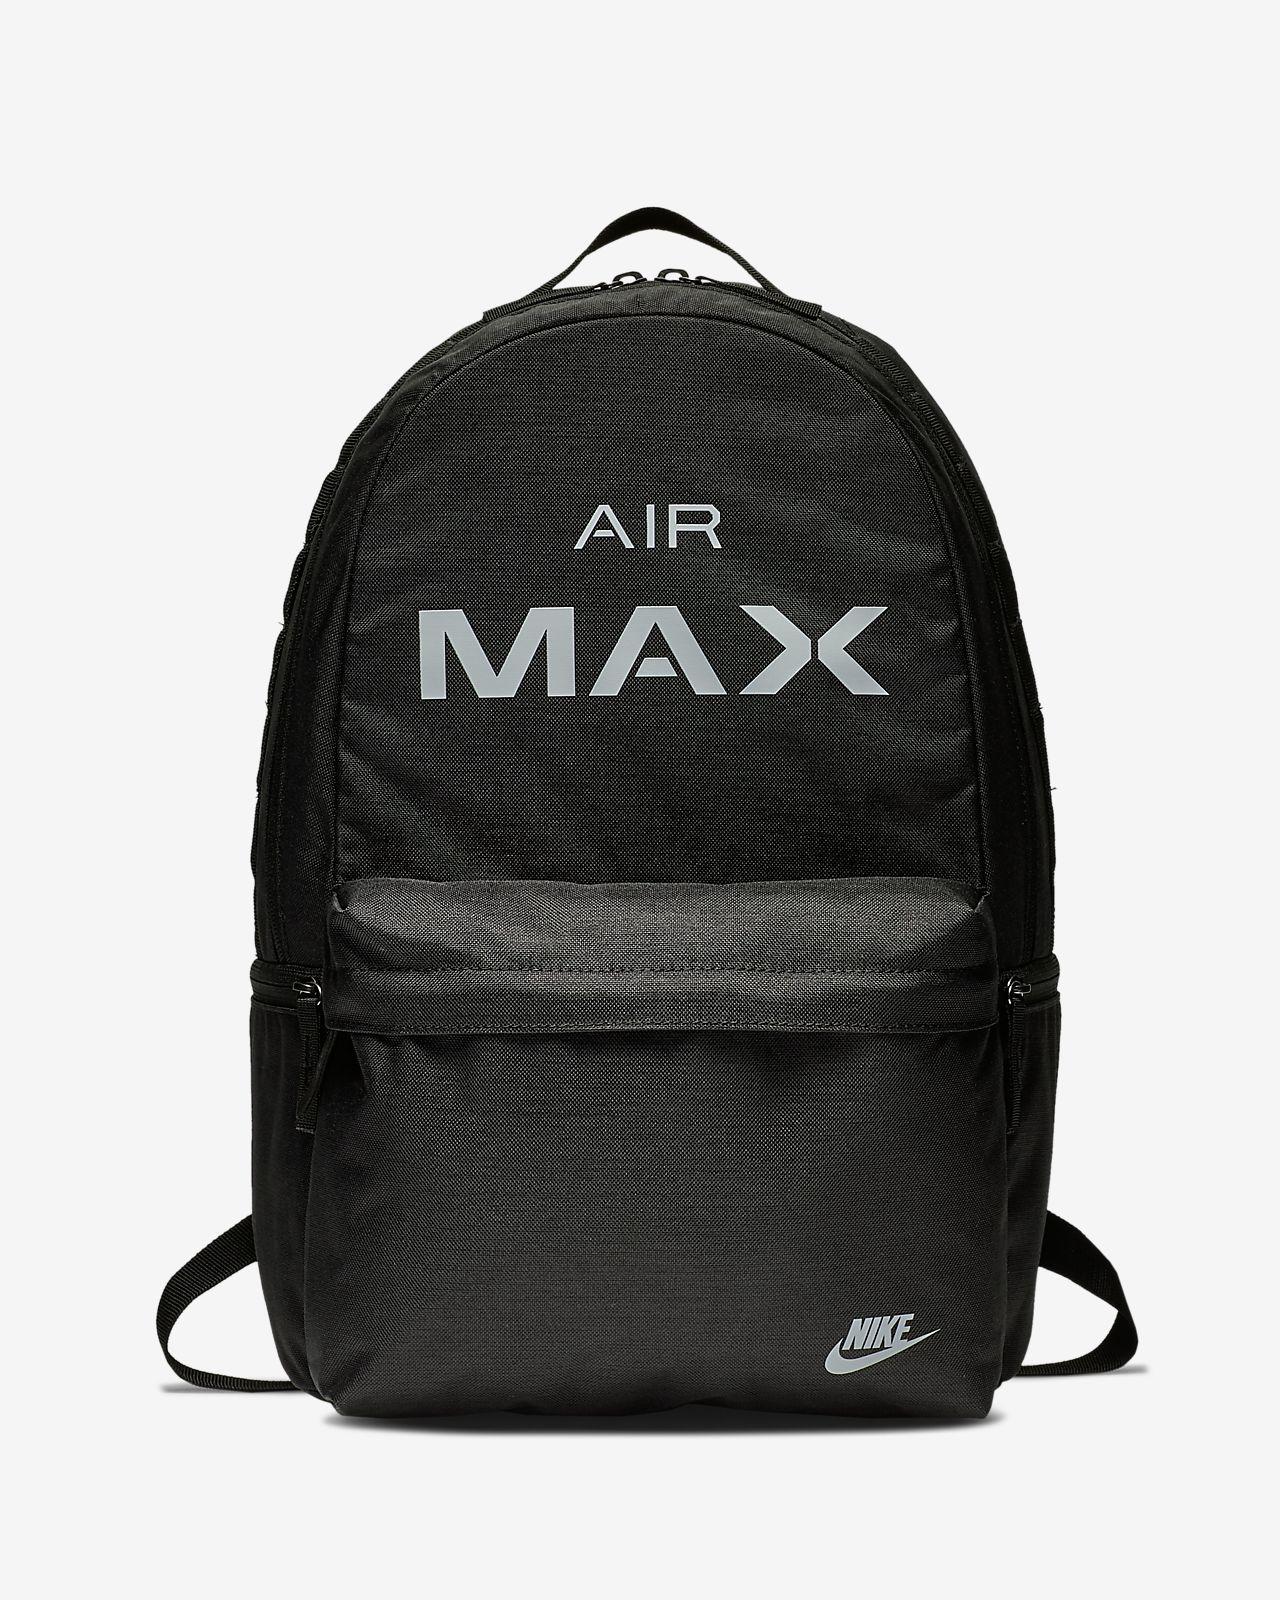 Nike Air Max 背包